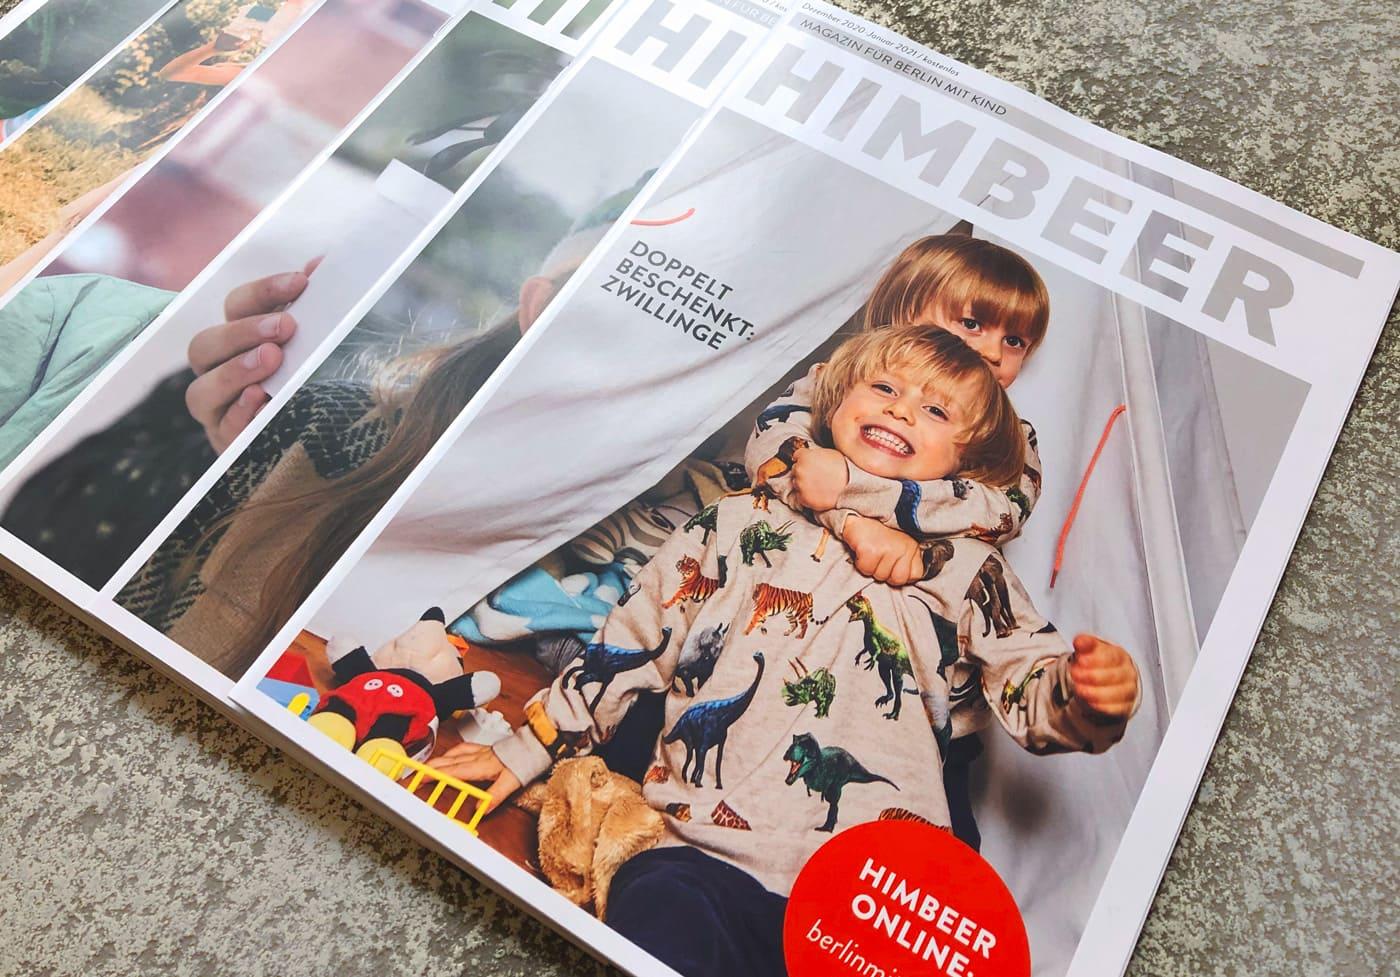 Familienmagazin HIMBEER in Berlin // HIMBEER